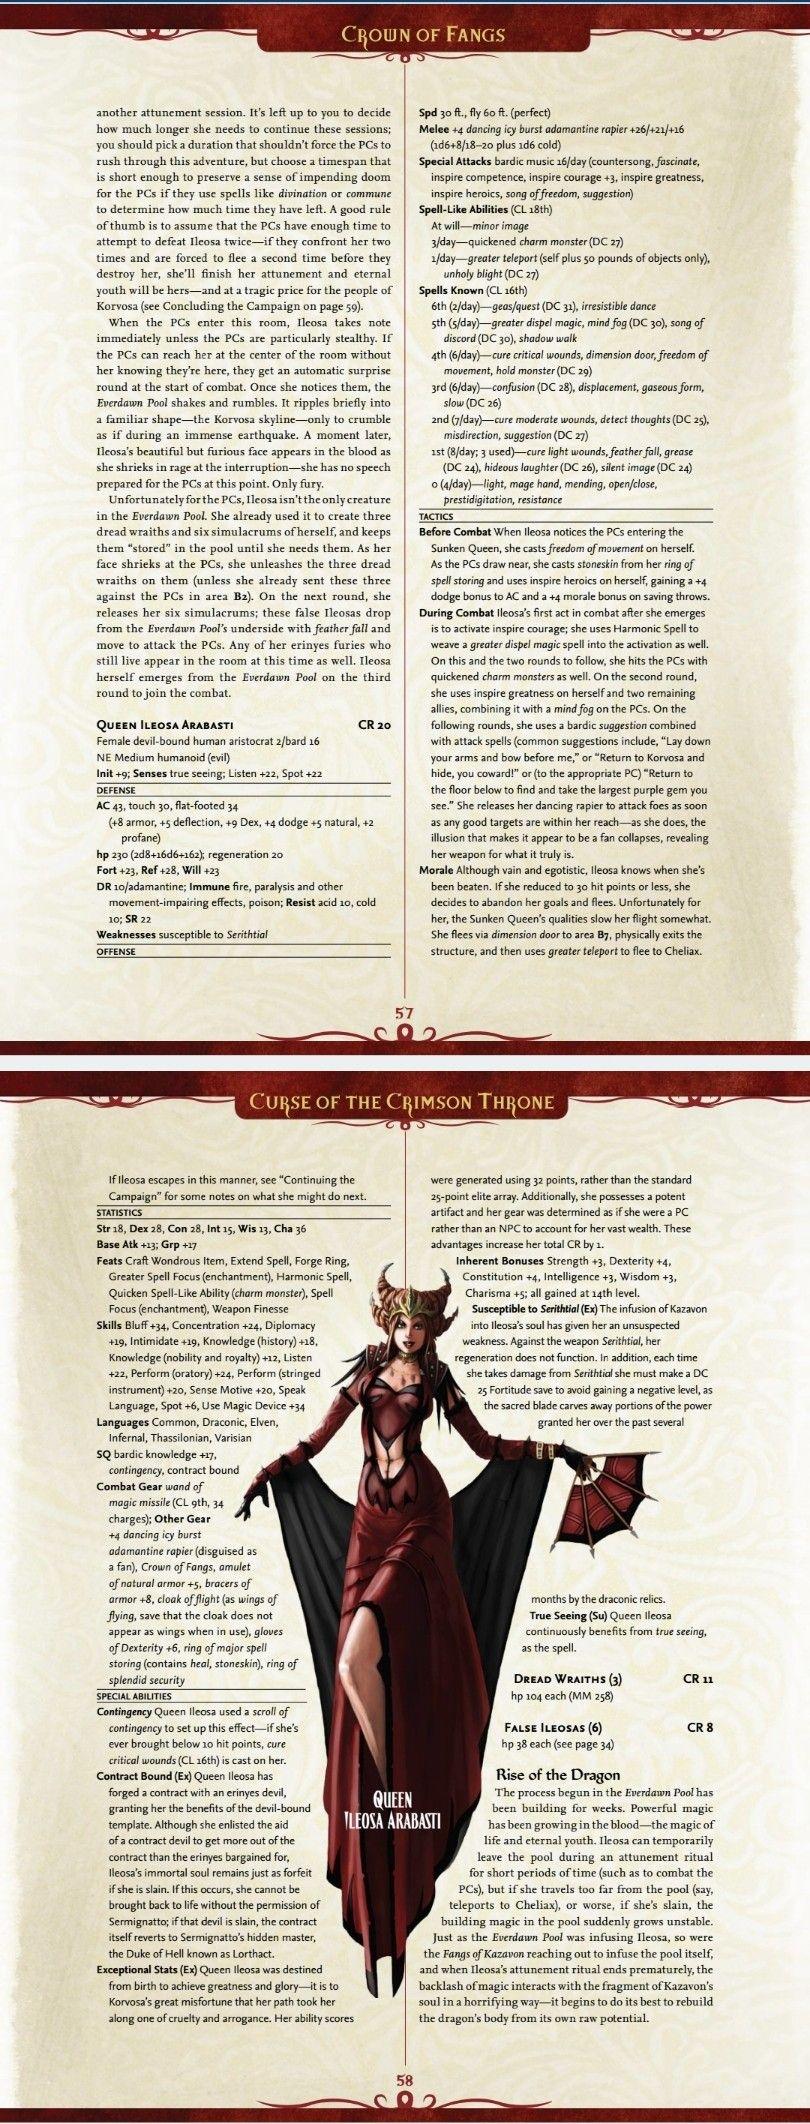 Queen Ileosa Arabasti (Curse of the Crimson Throne